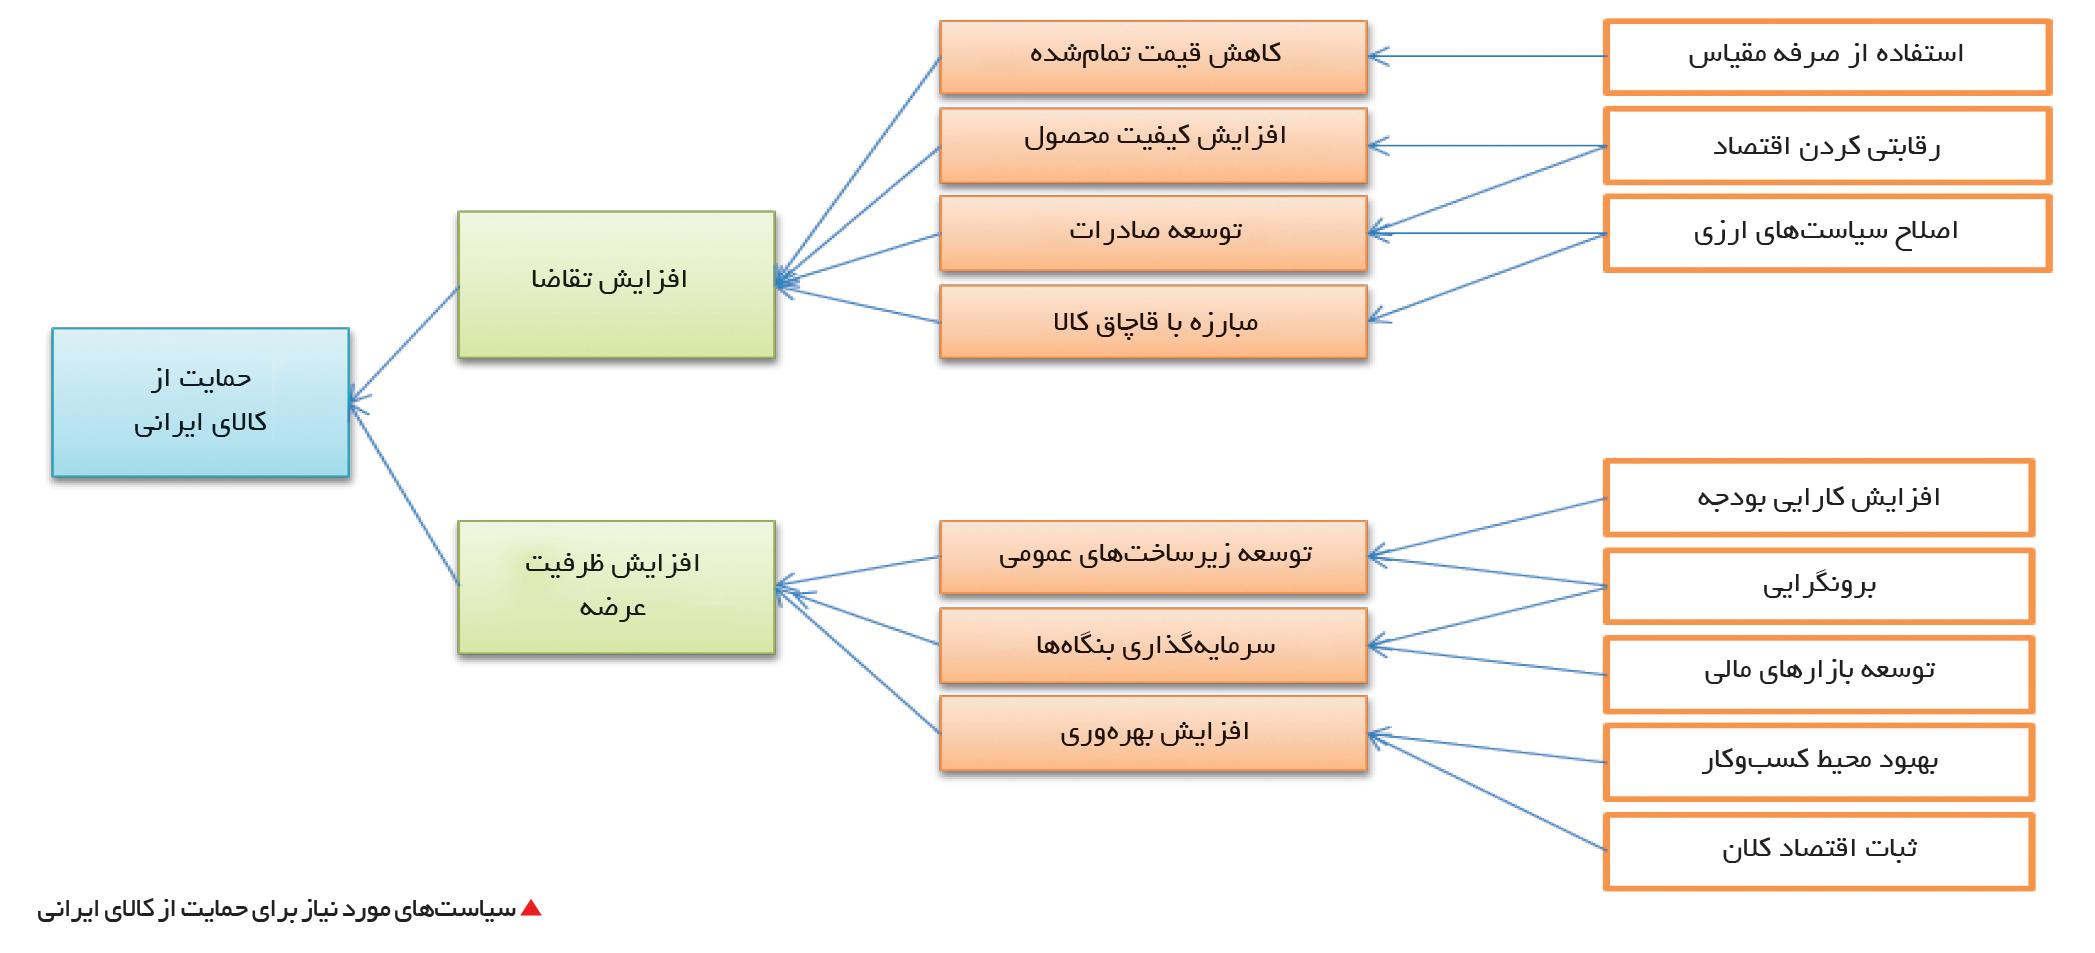 تجارت فردا-  سیاستهای مورد نیاز برای حمایت از کالای ایرانی